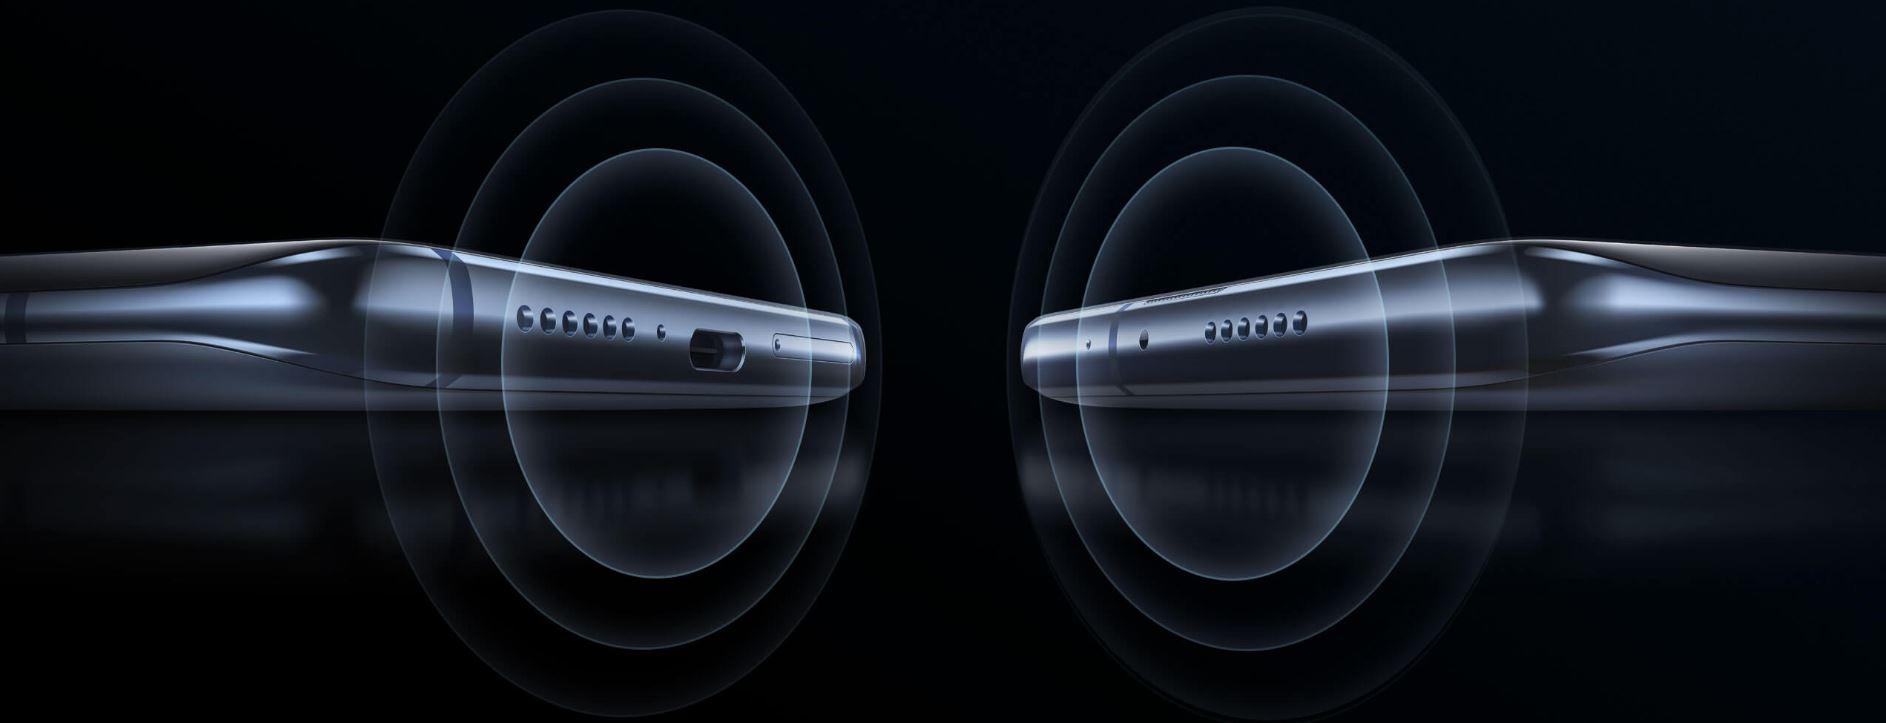 linear loudspeakers